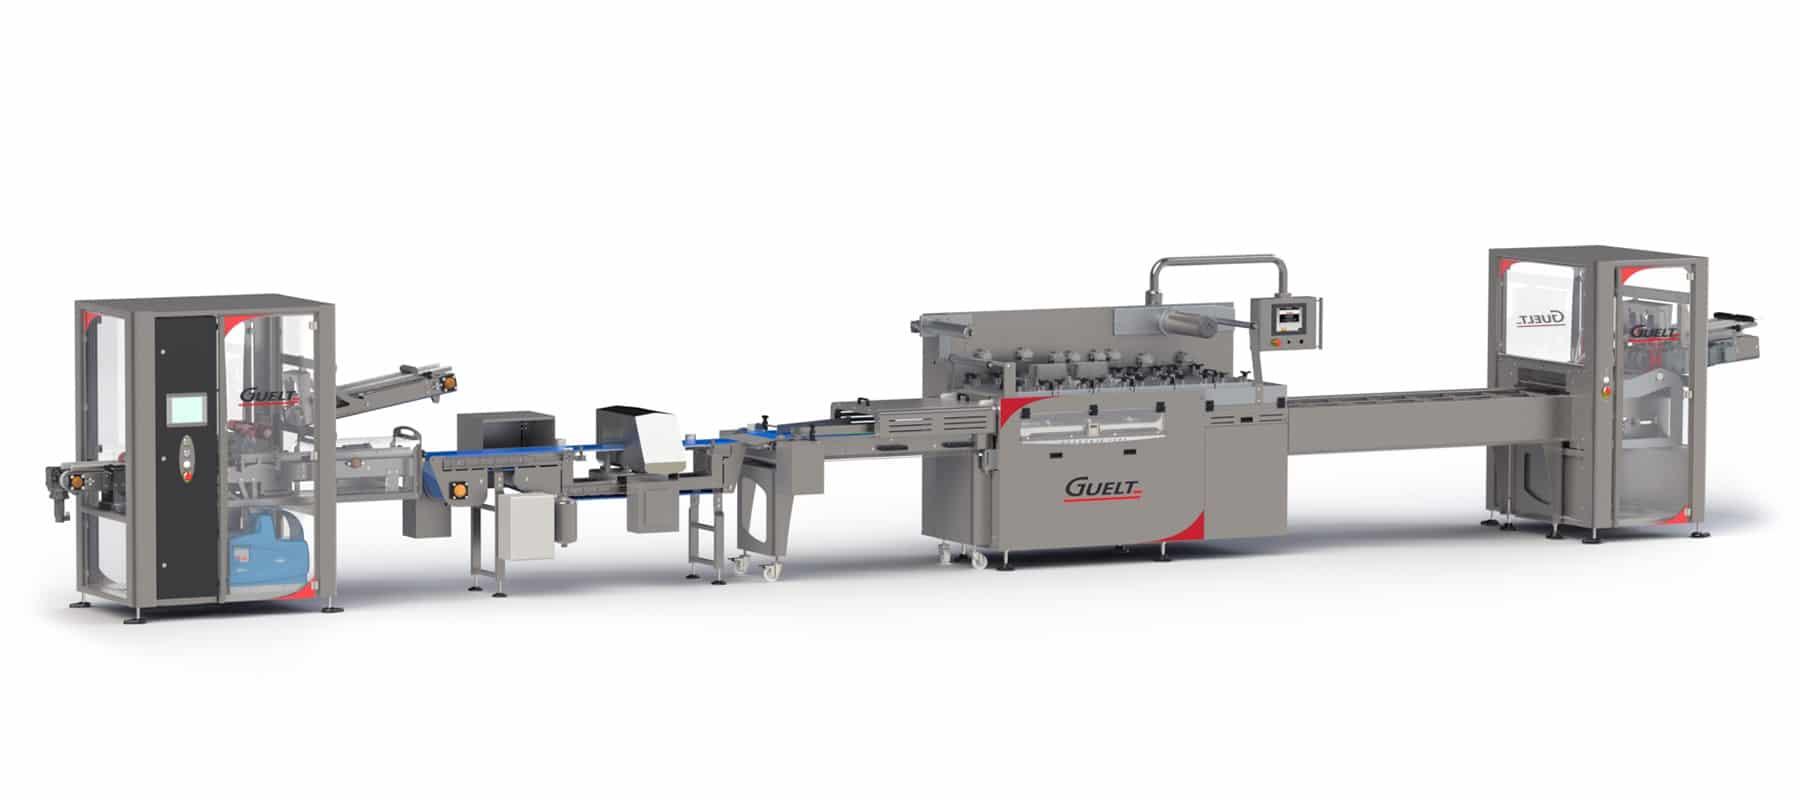 Operculeuse automatique Operskin 6600 intégrée dans une ligne d'emballage complète